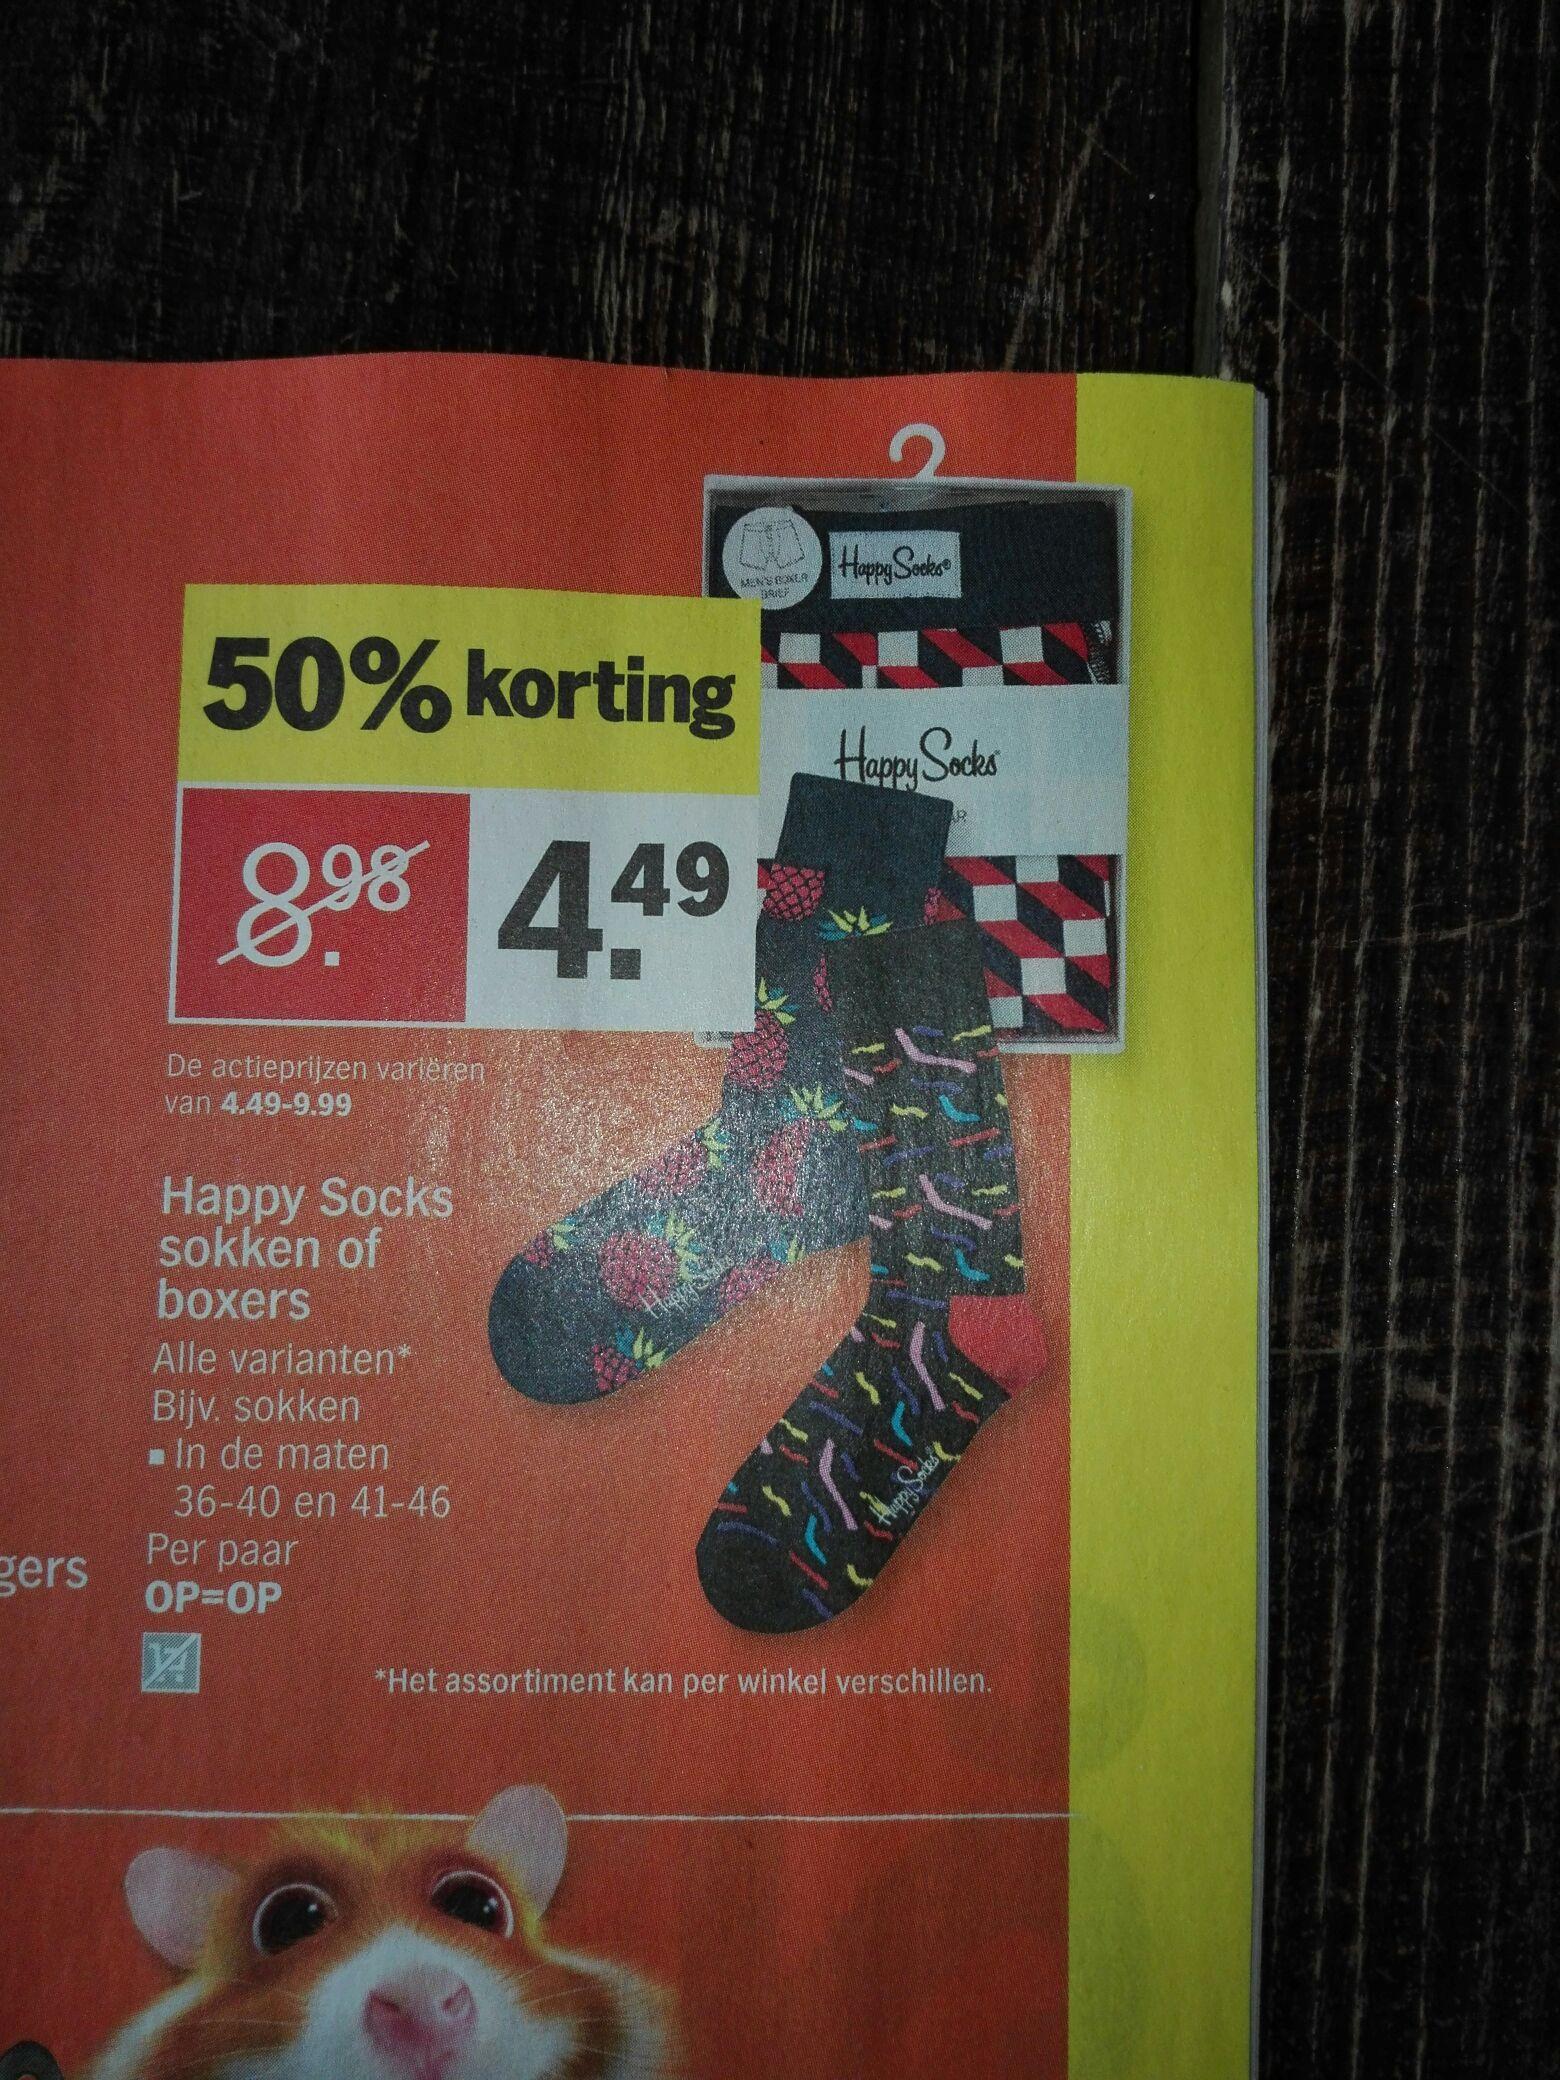 Happy Socks sokken of boxers 50% korting @AH